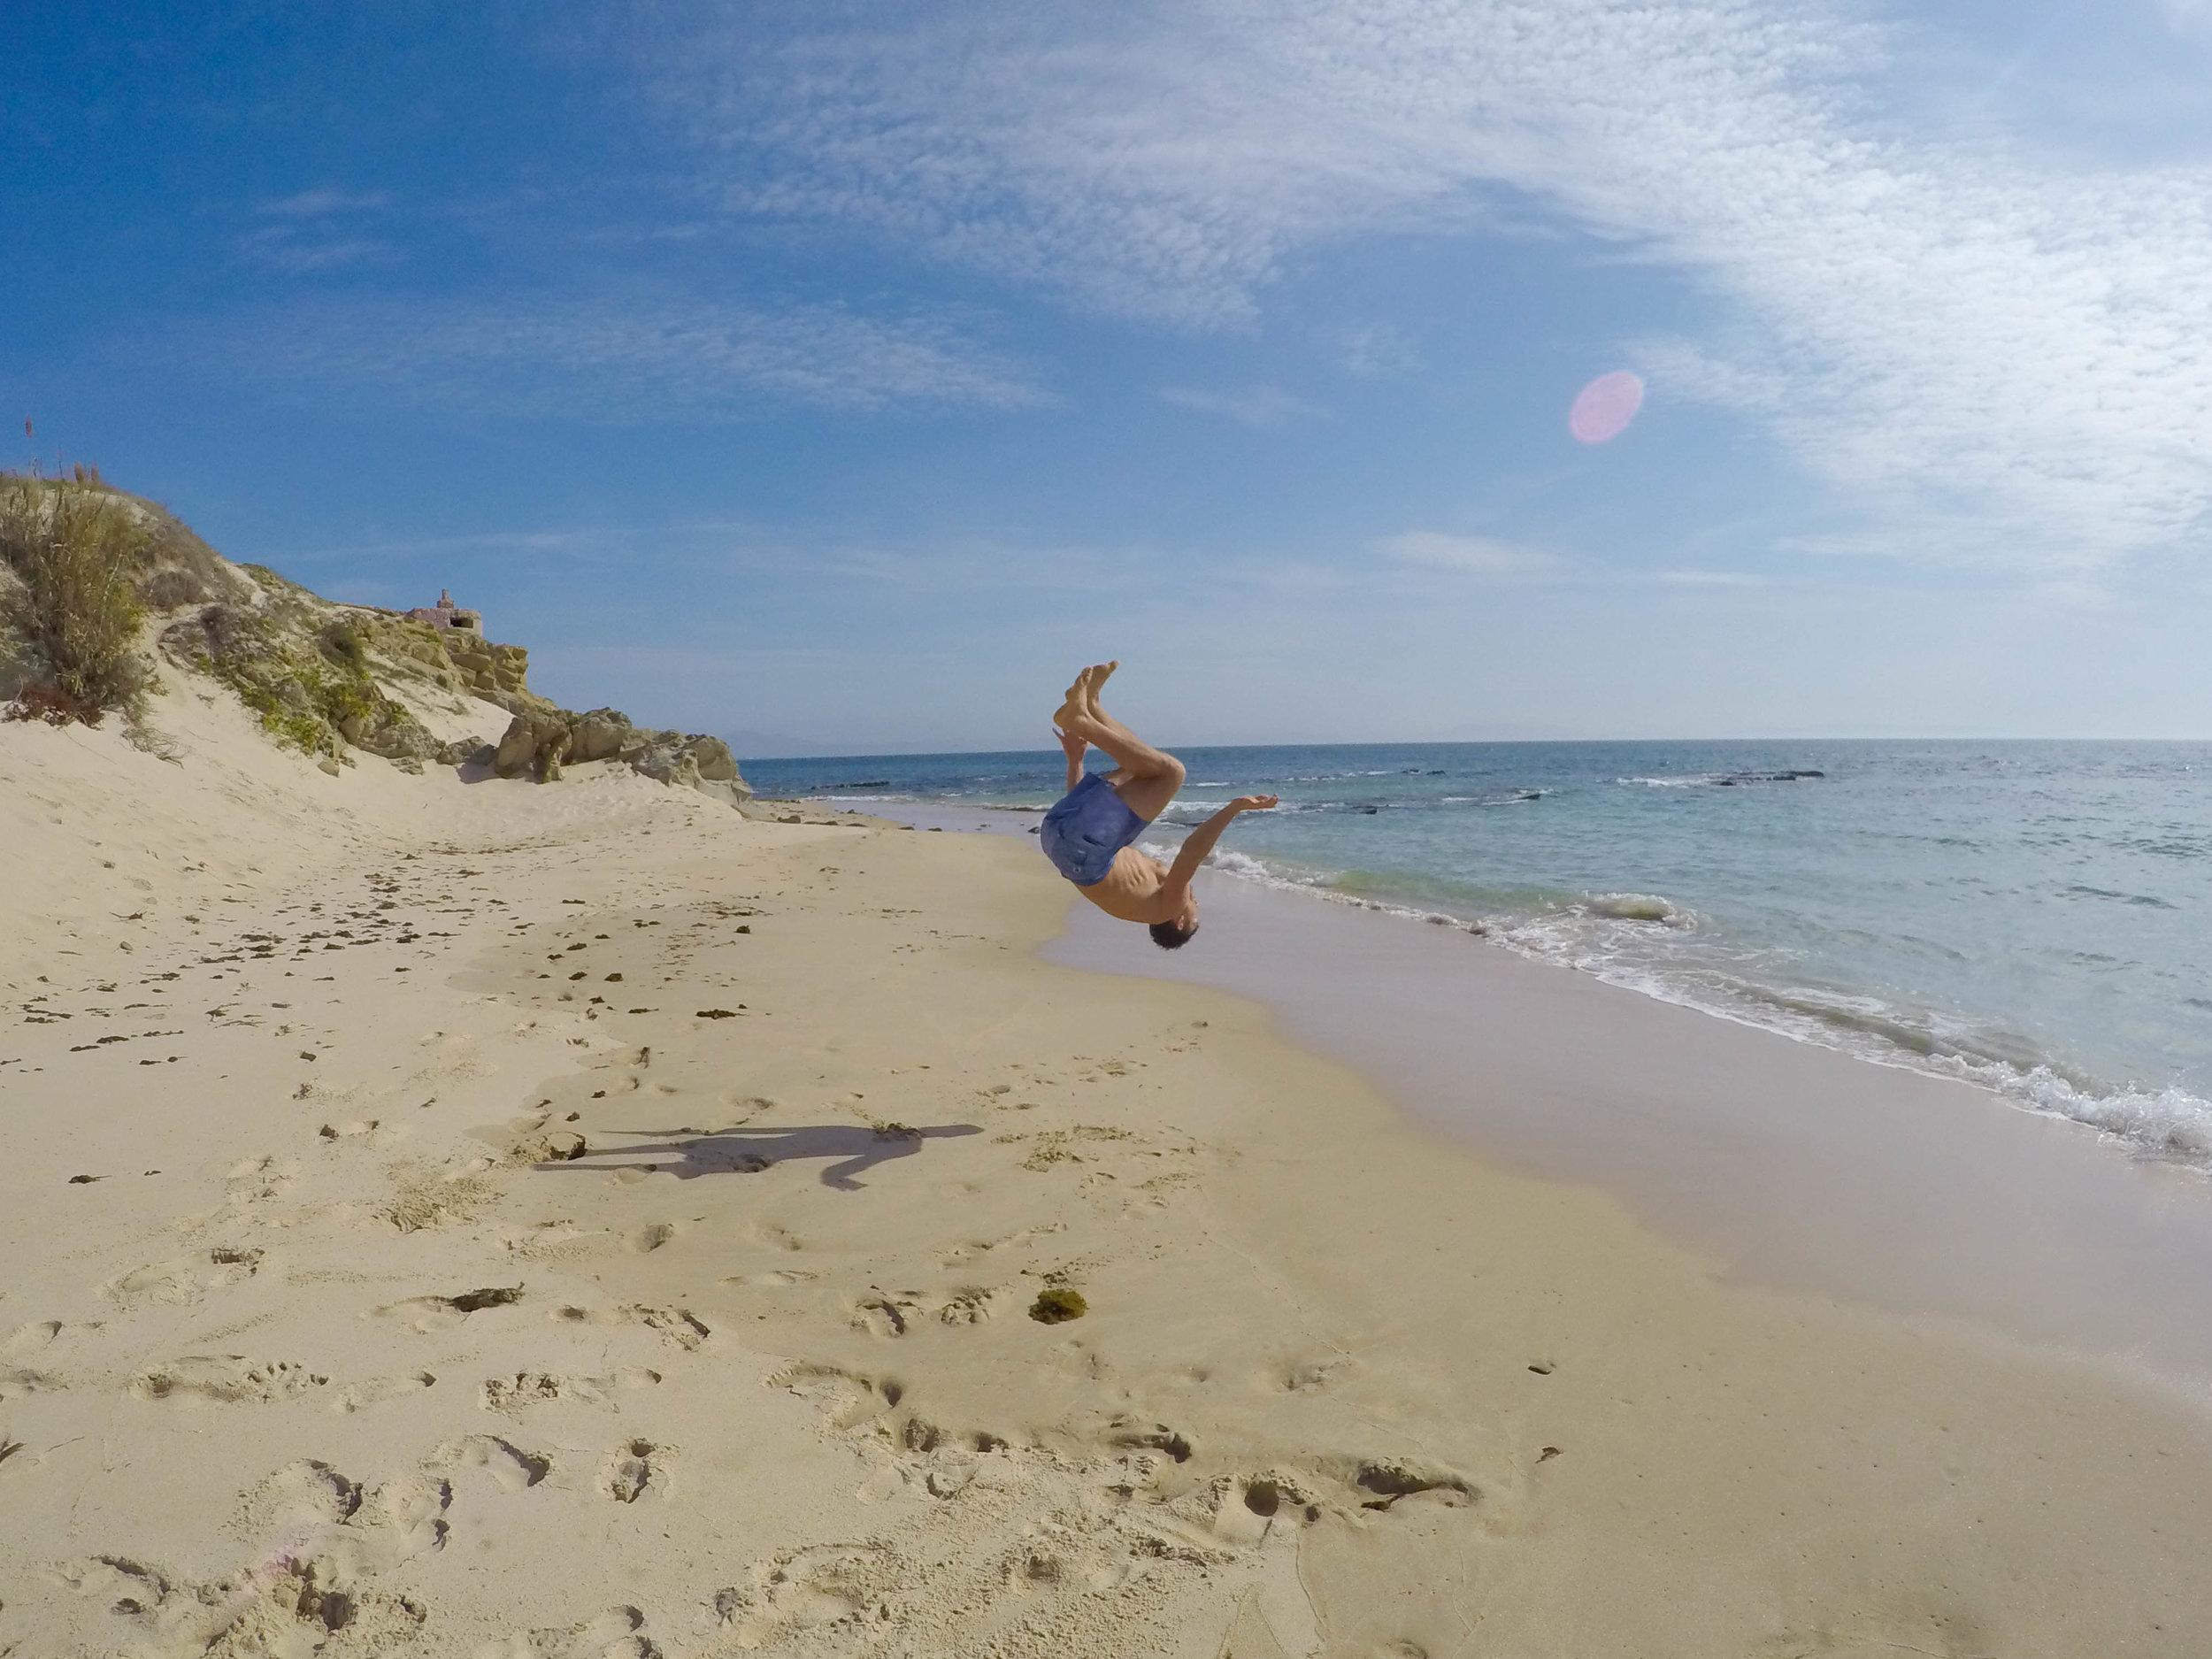 Flips in the sand in Tarifa.